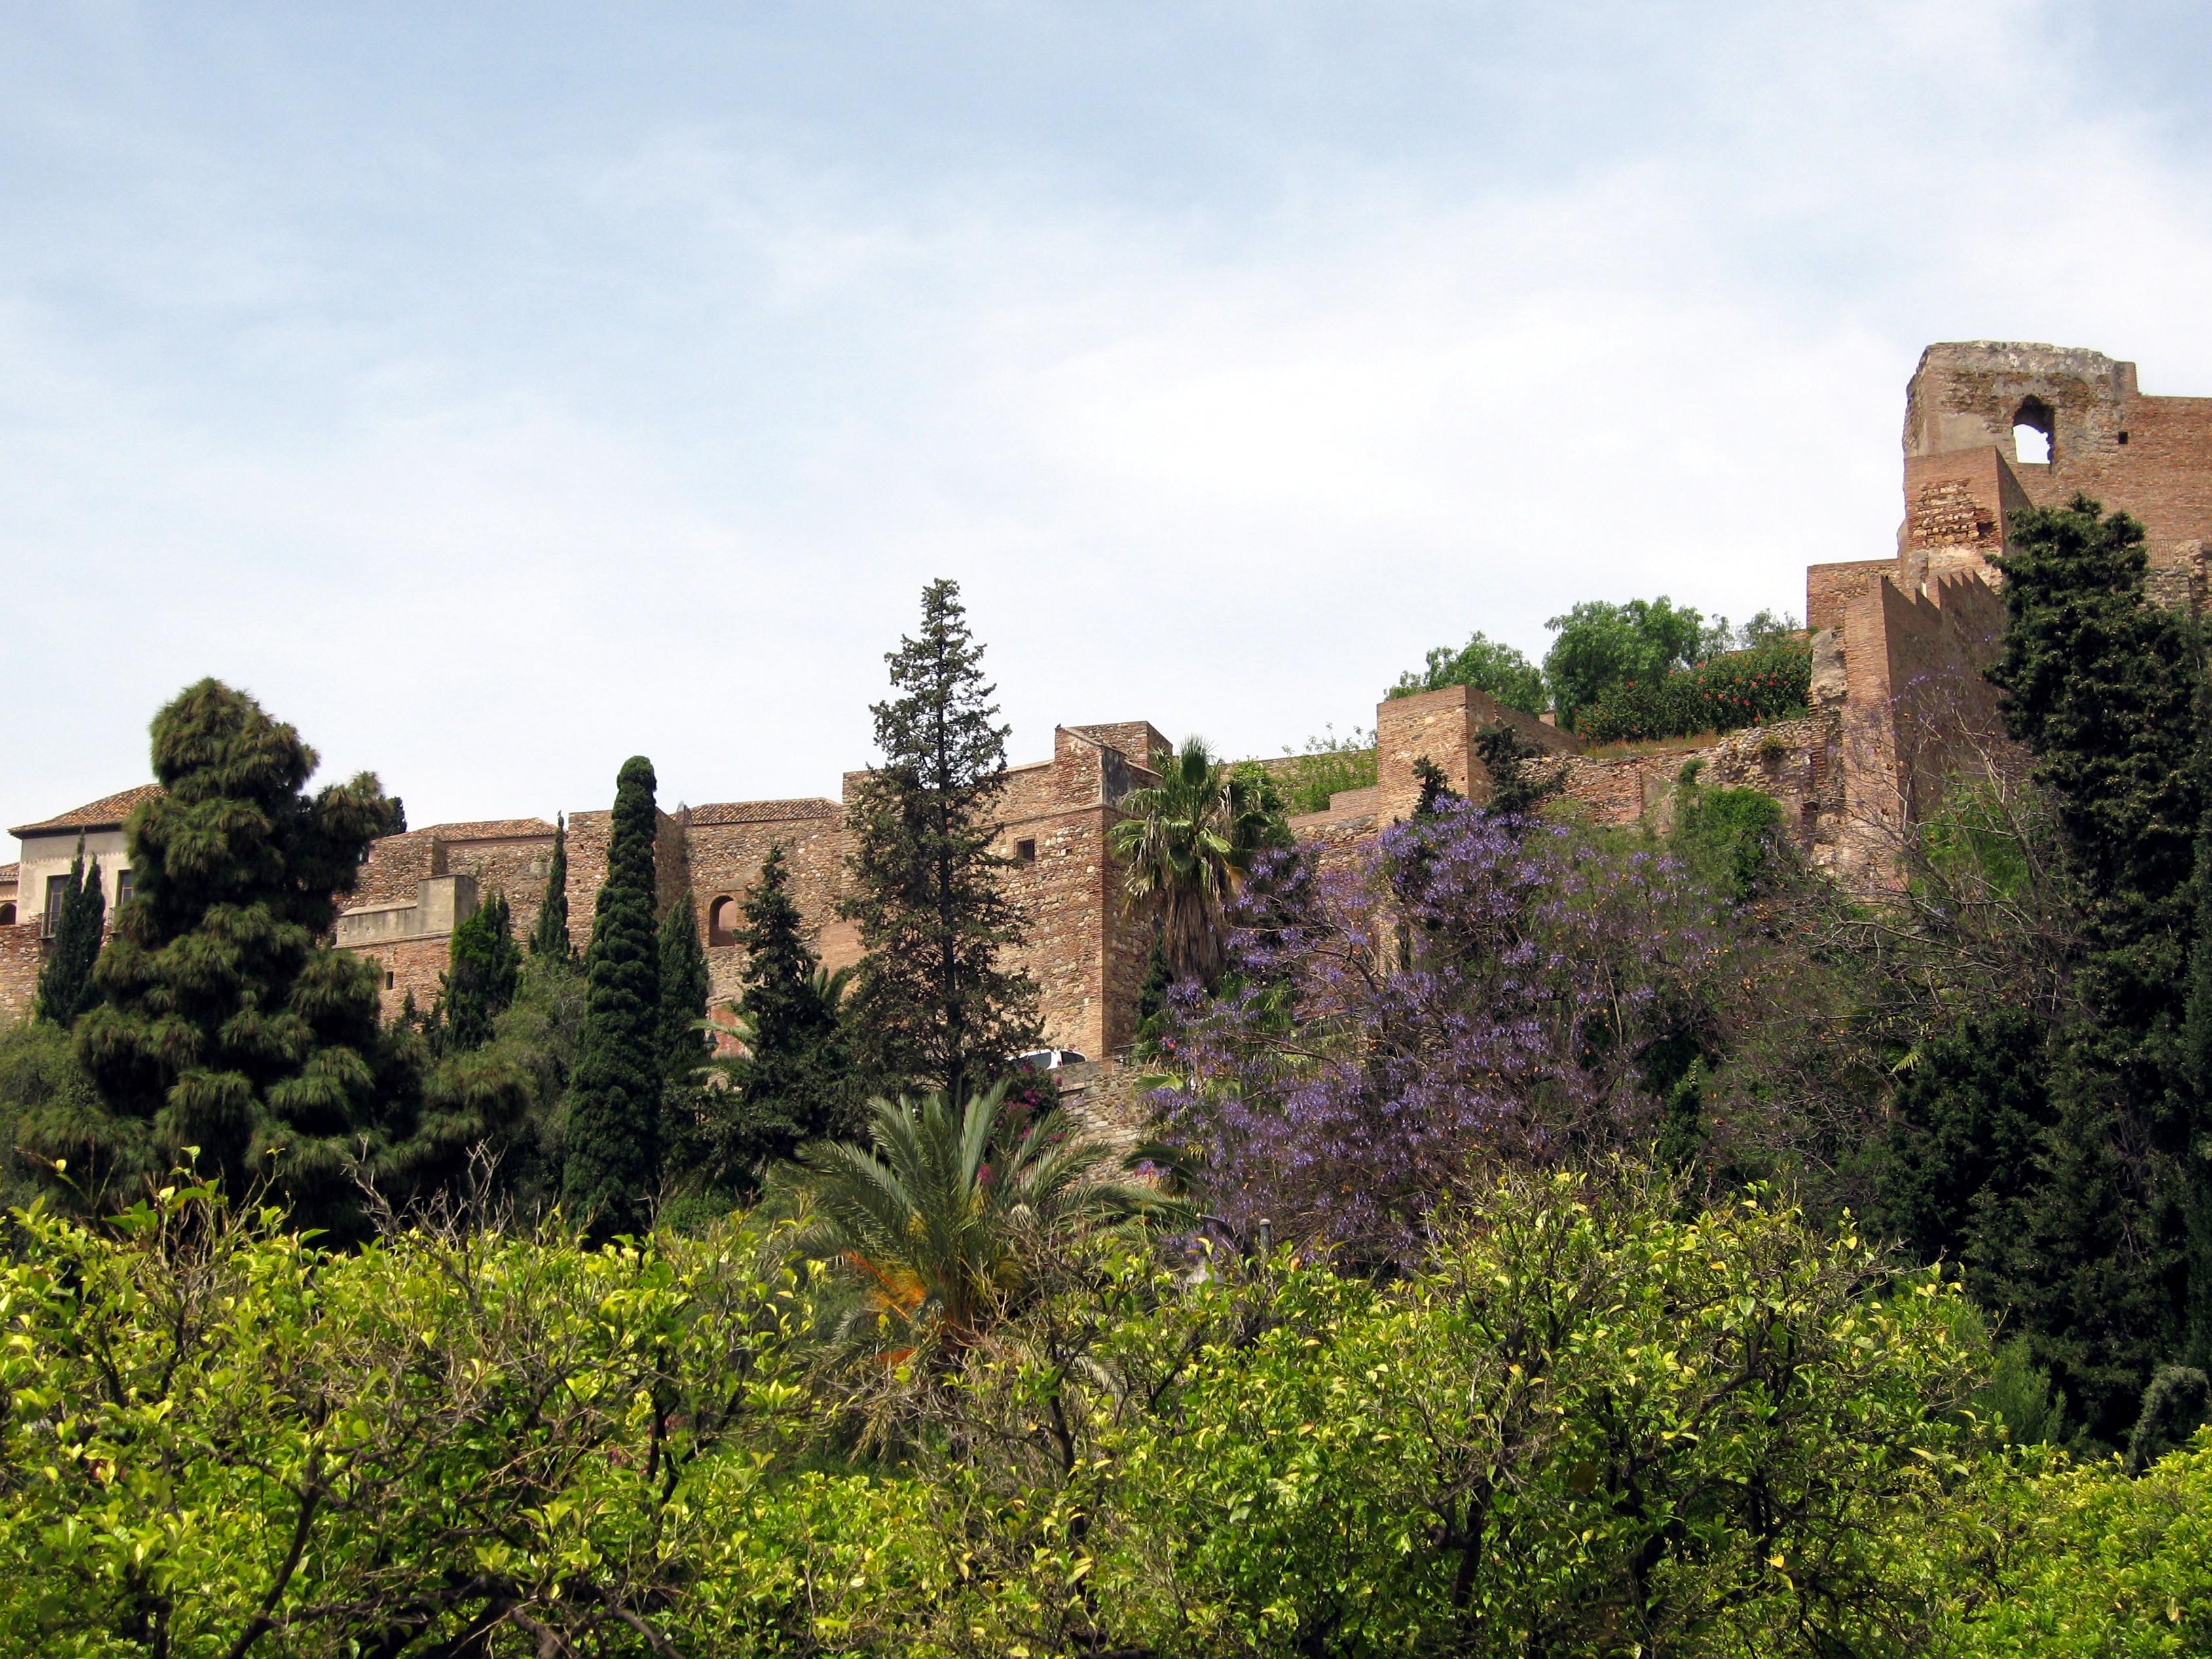 File:Málaga Alcazaba 04.jpg - Wikimedia Commons